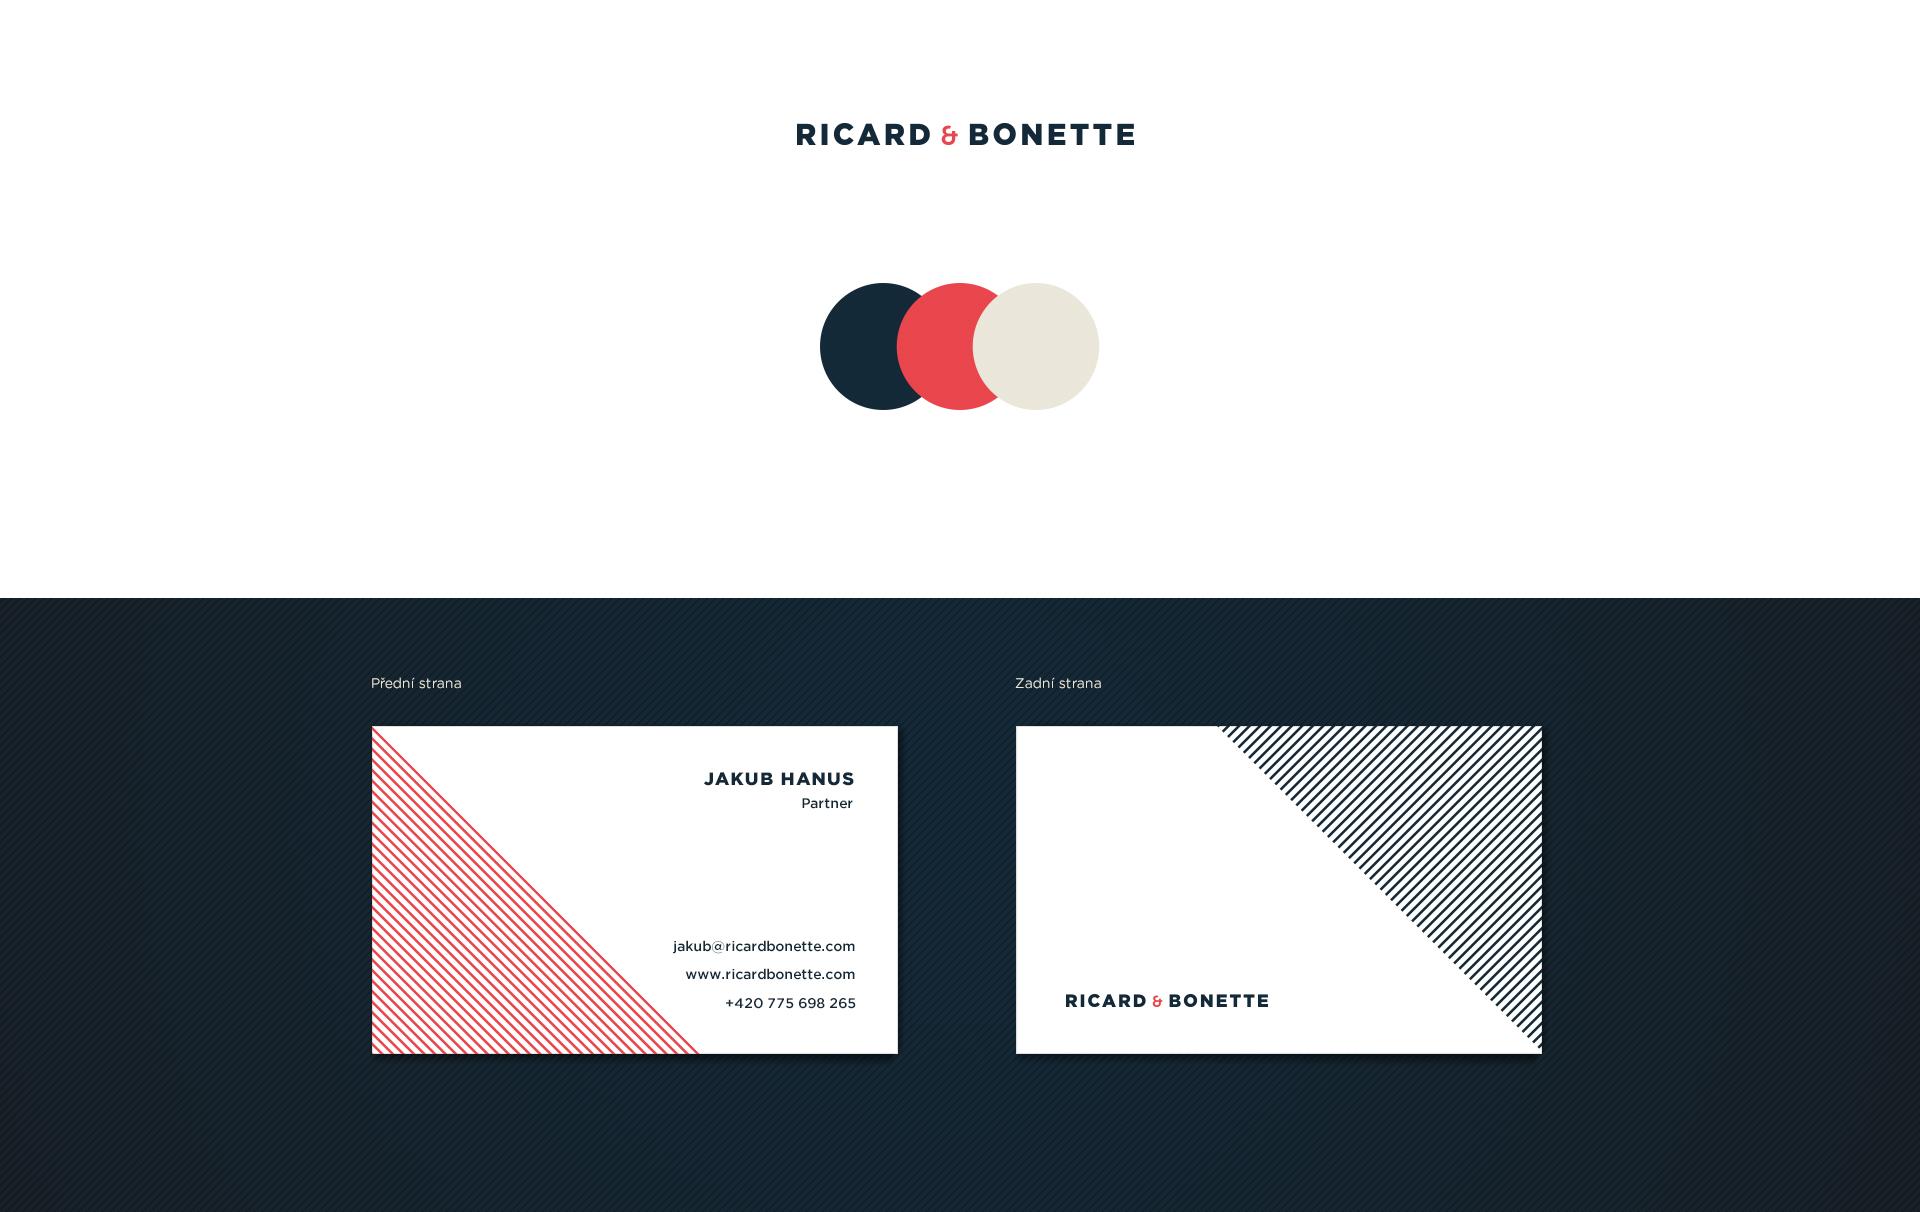 Ricard & Bonette